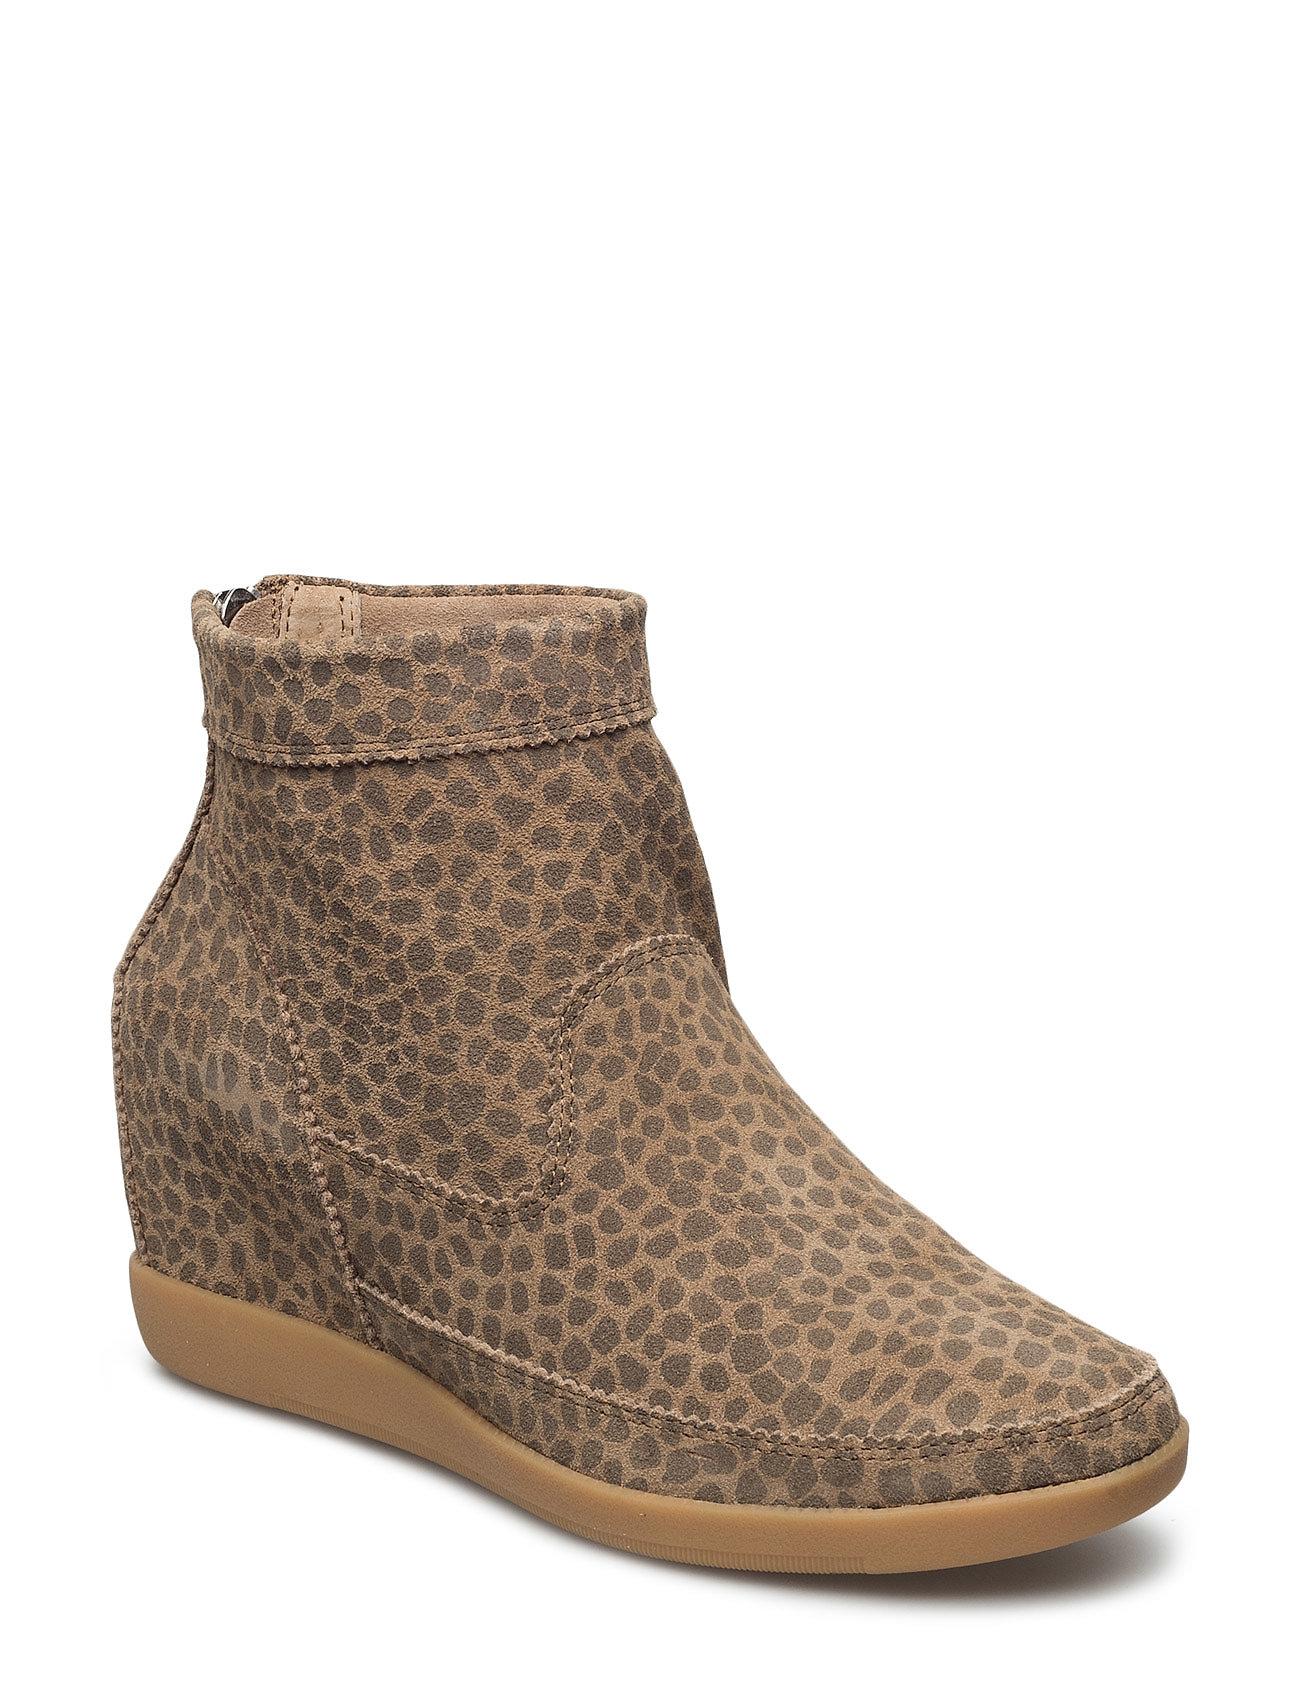 Stb1016 Shoe The Bear Støvler til Damer i Brun